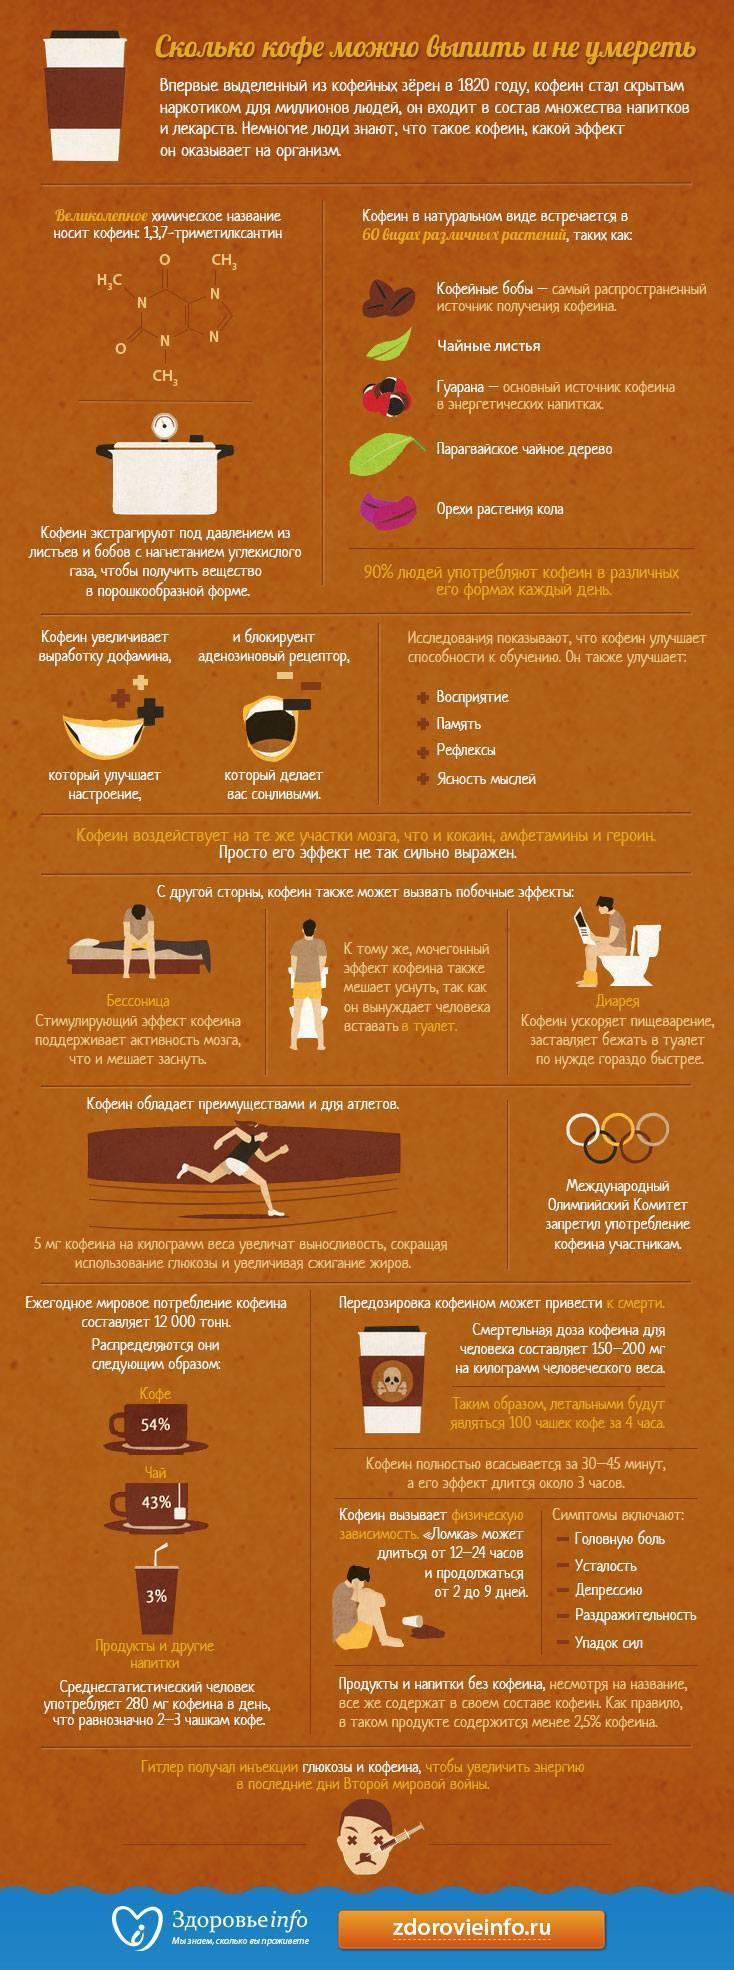 Вредно ли пить кофе каждый день?